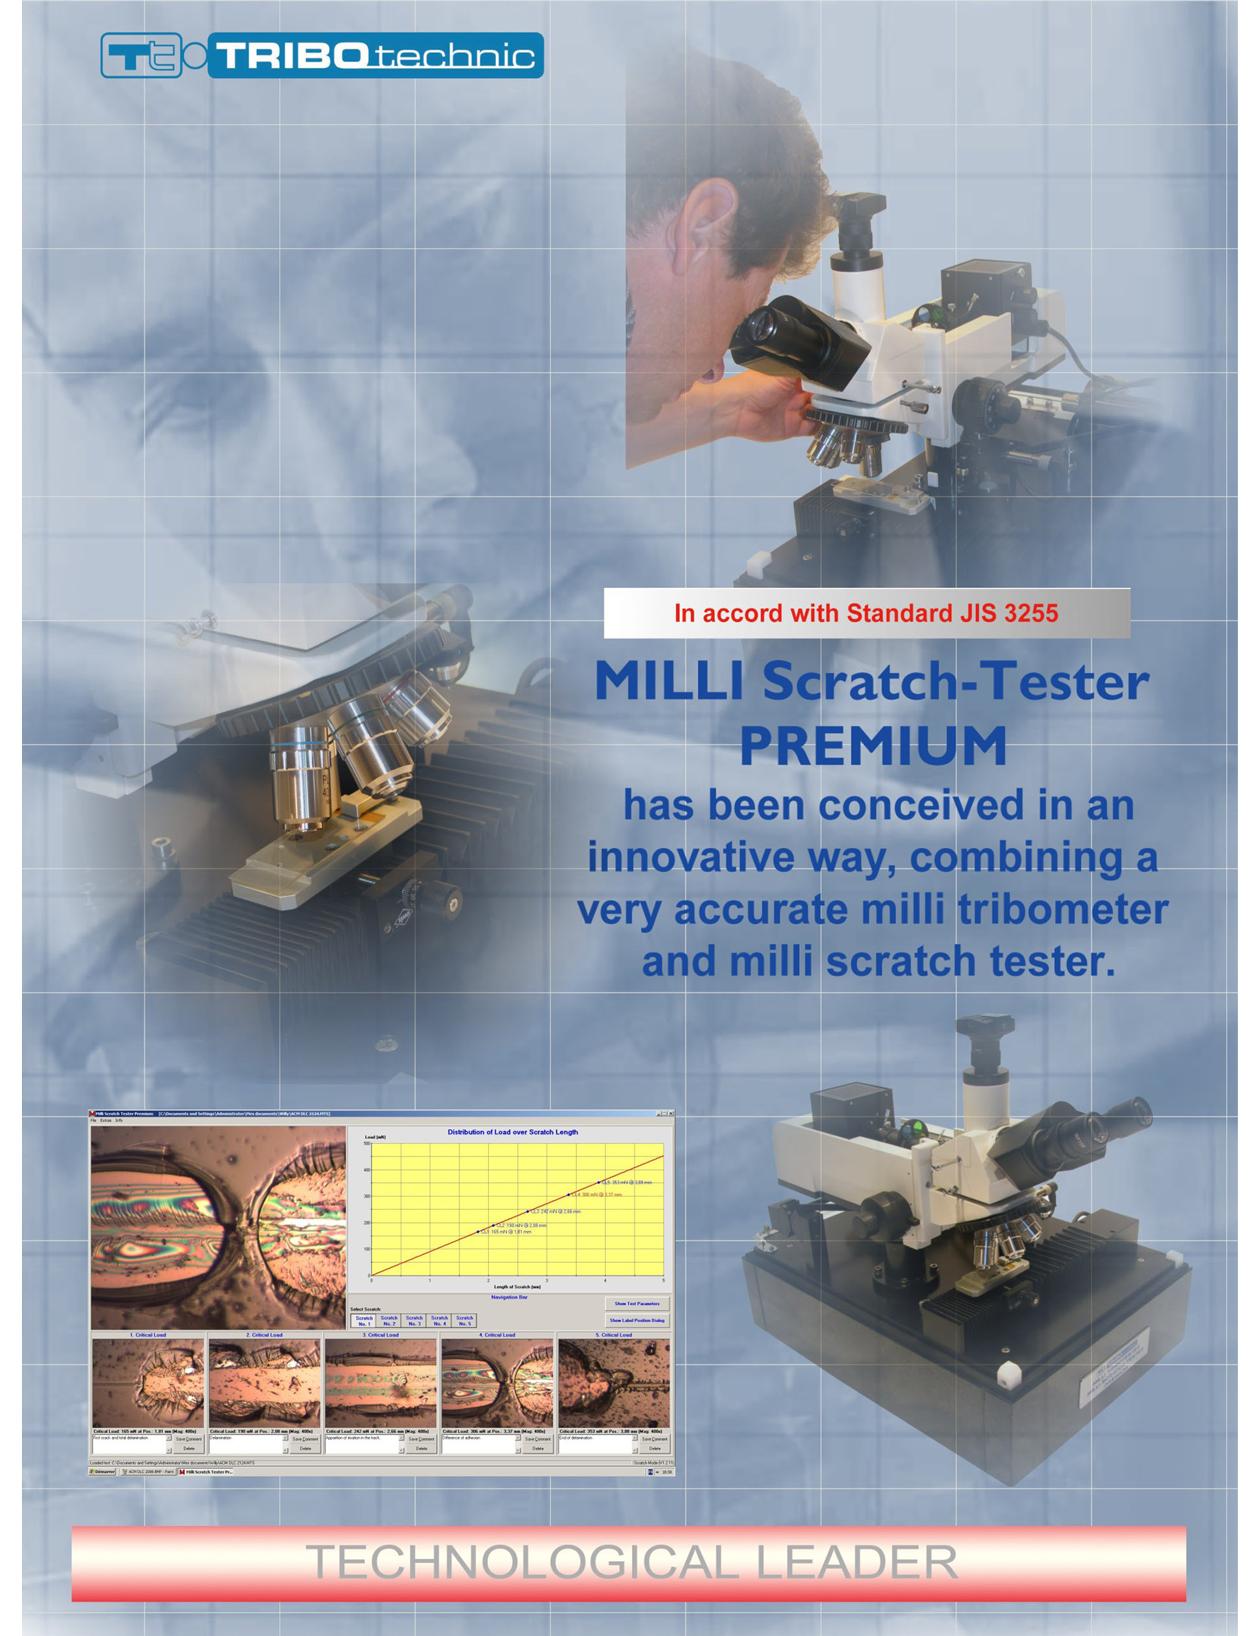 Milli-Scratch-tester premium